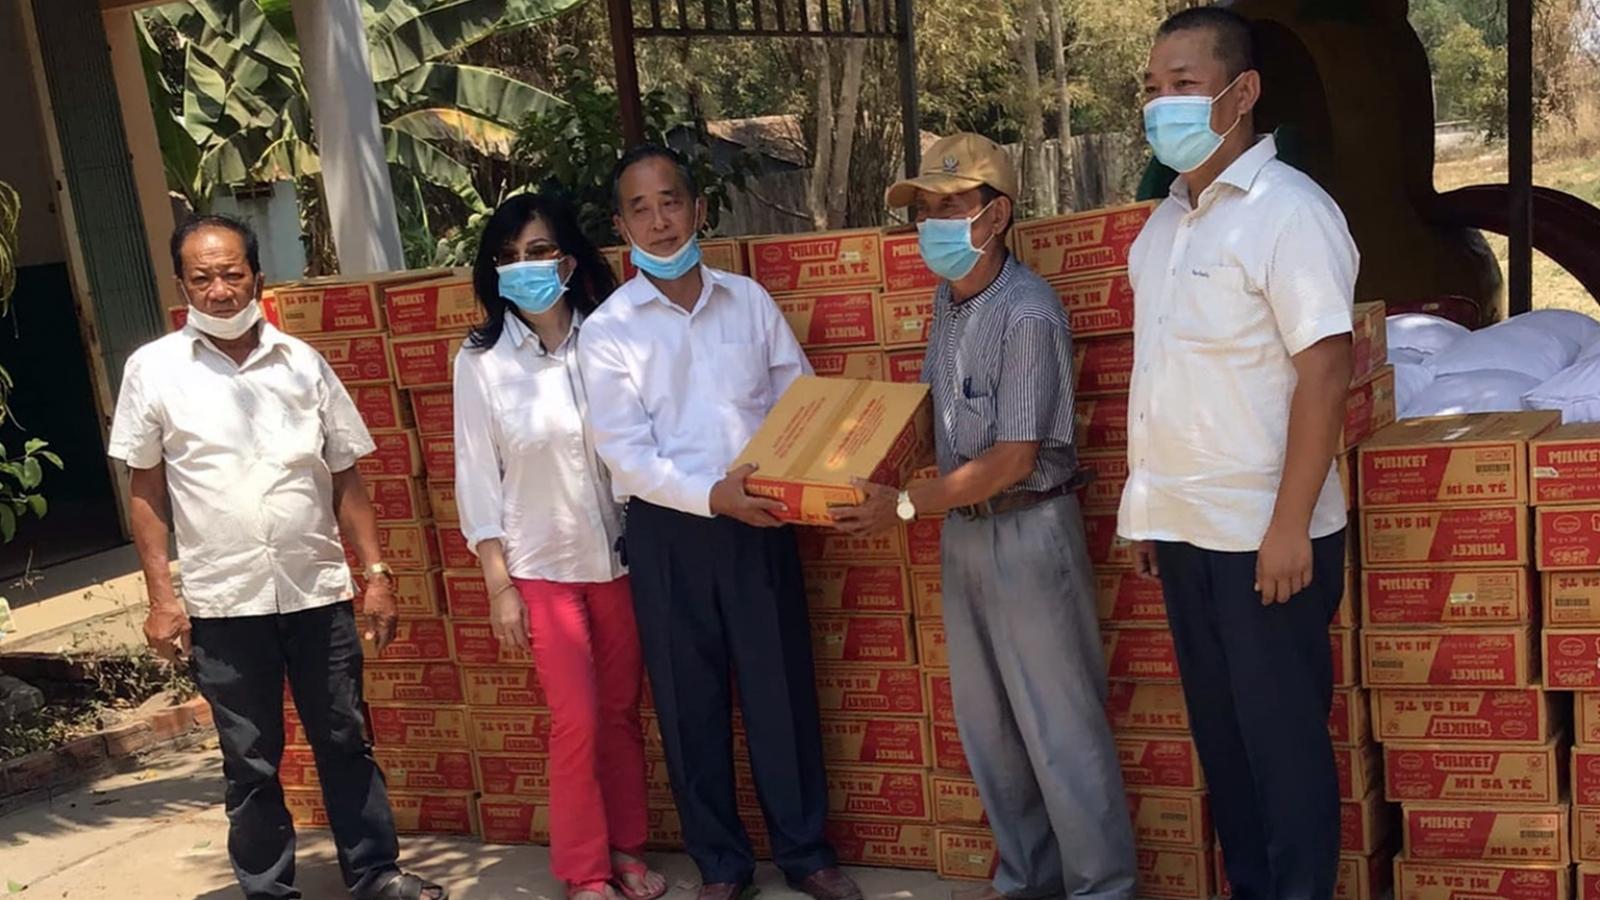 Cứu trợ khẩn cấp cho người gốc Việt bị cách ly tại Campuchia